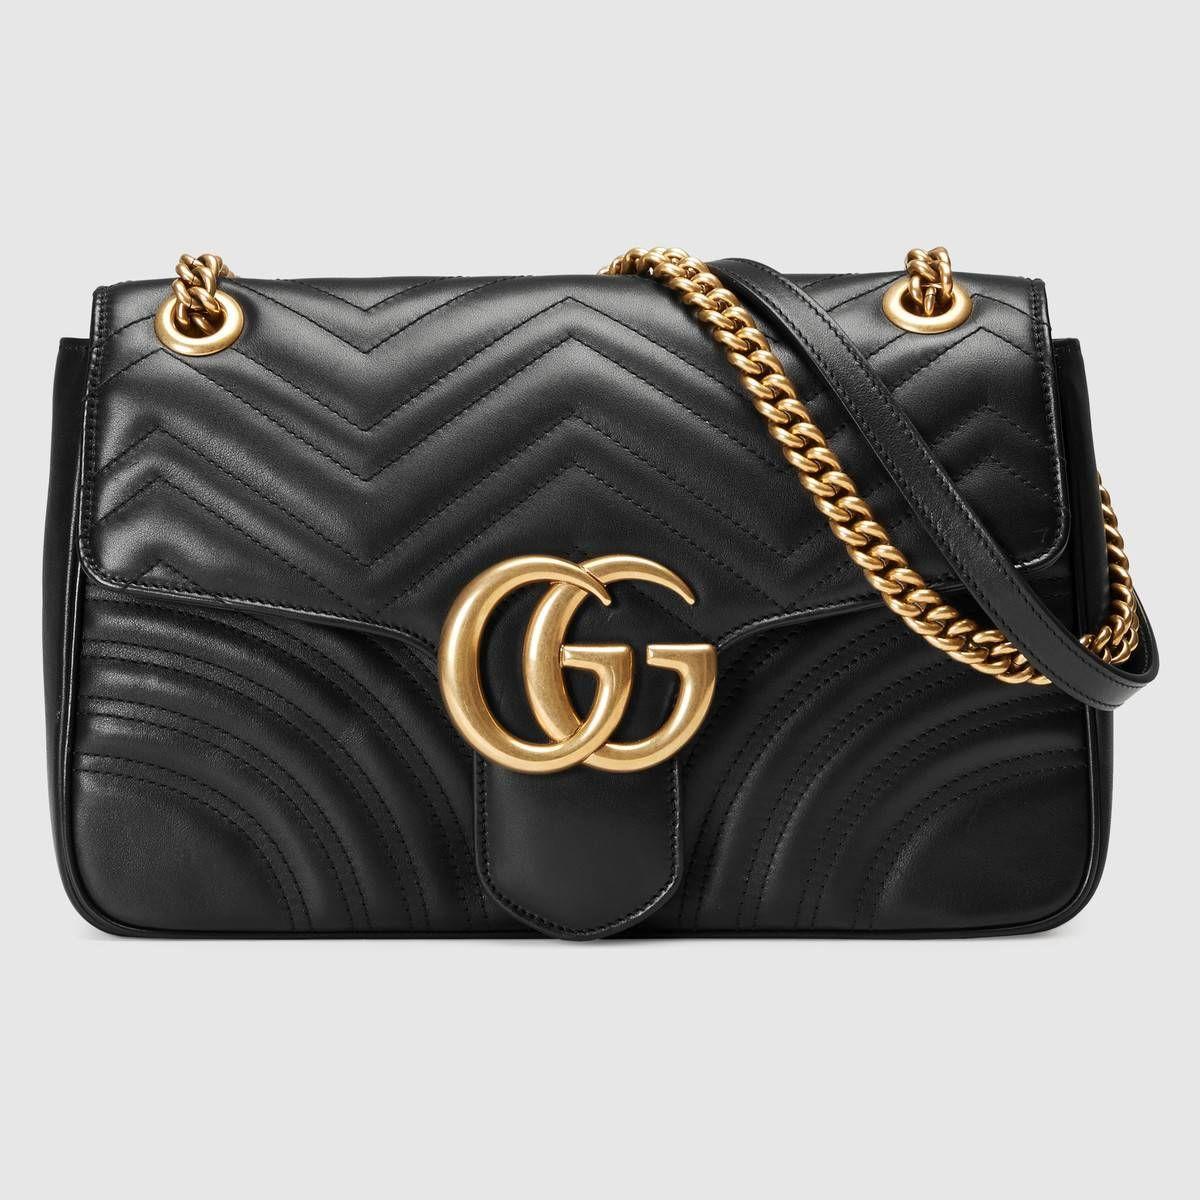 6988a980d41 Mittelgroße GG Marmont Schultertasche aus Matelassé - Gucci  Damenschultertaschen 443496DRW3T1000